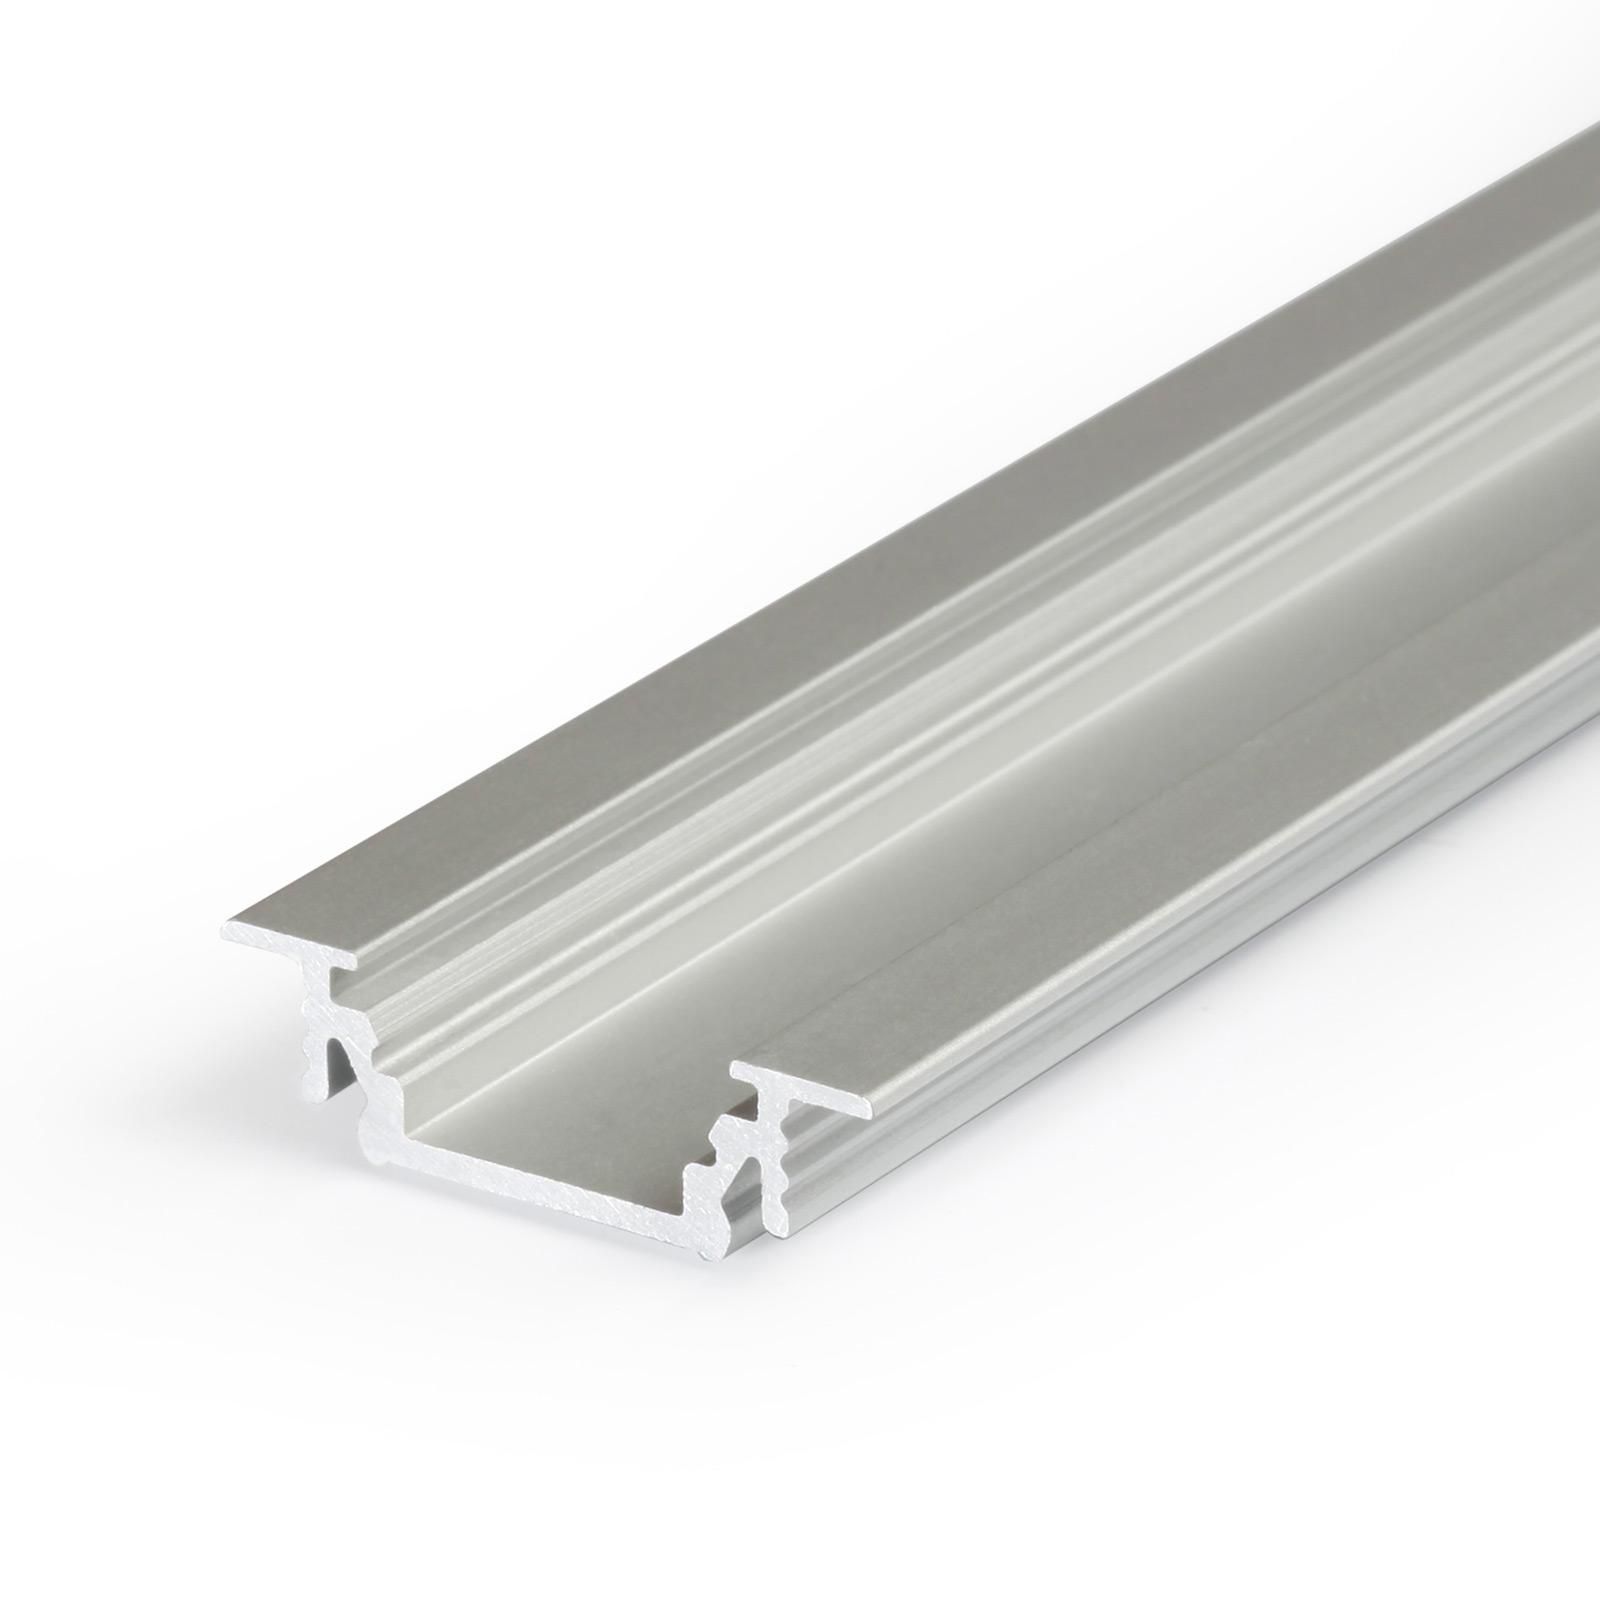 1-2 Meter LED Einbauprofil GROOVE (GR) - U-Profil